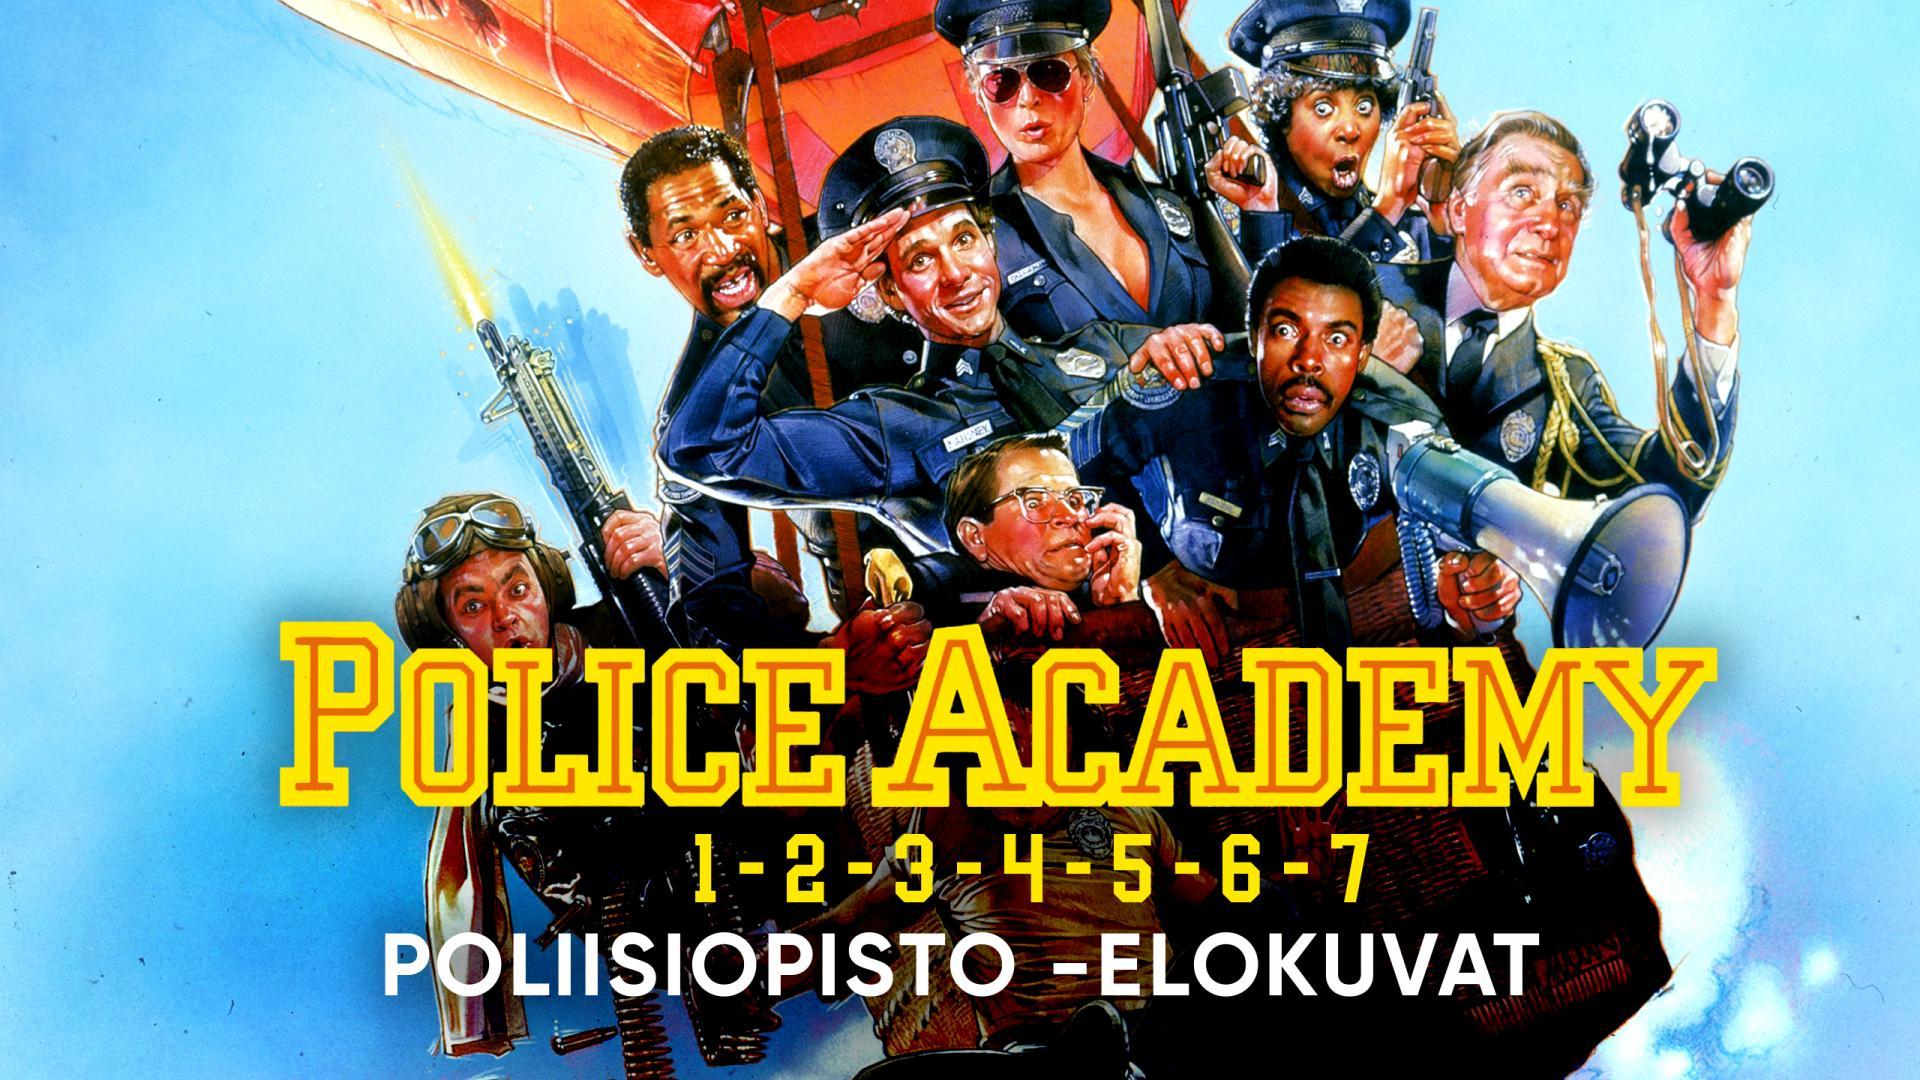 Poliisiopisto 7